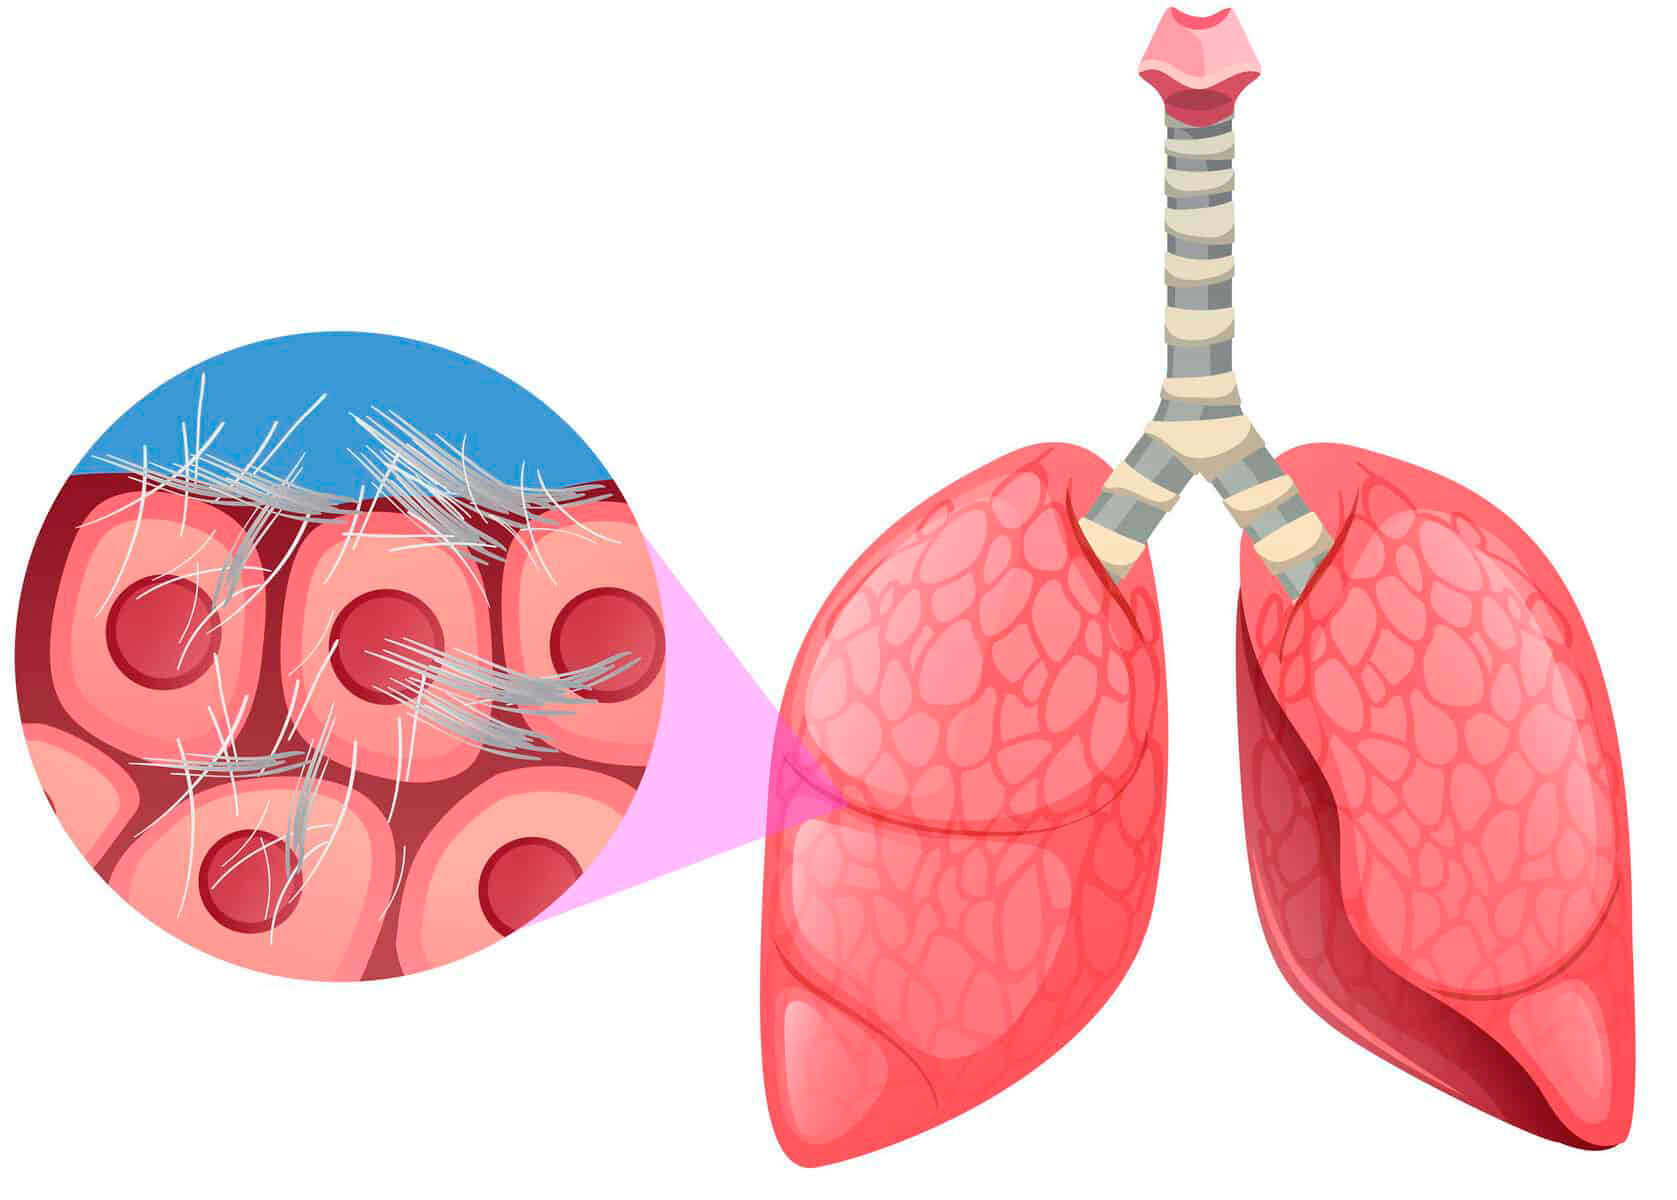 asbestos-fibres-in-lung